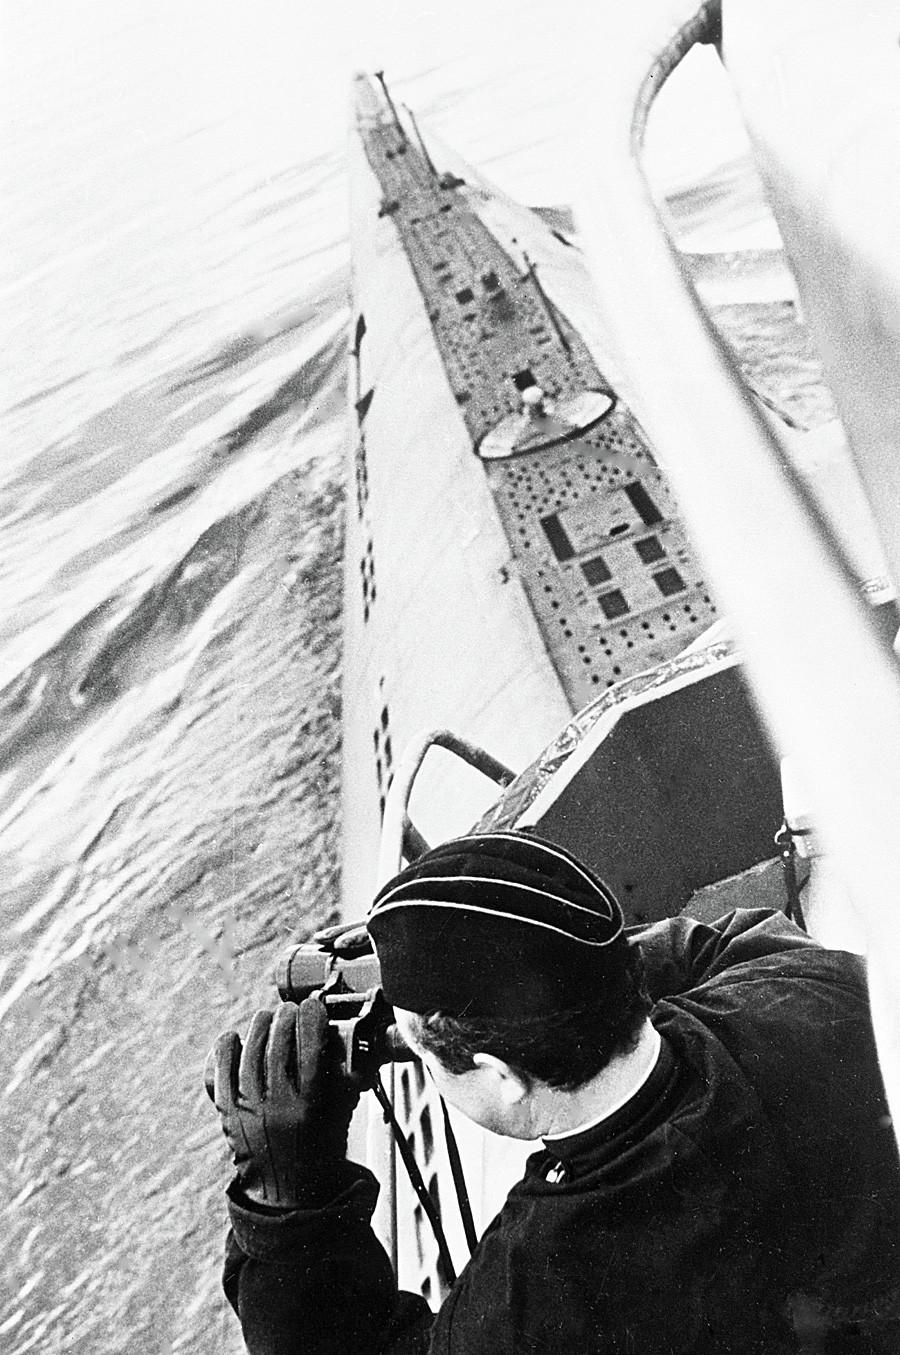 Sovietski zapovjednik podmornice skenira horizont 1968. godine